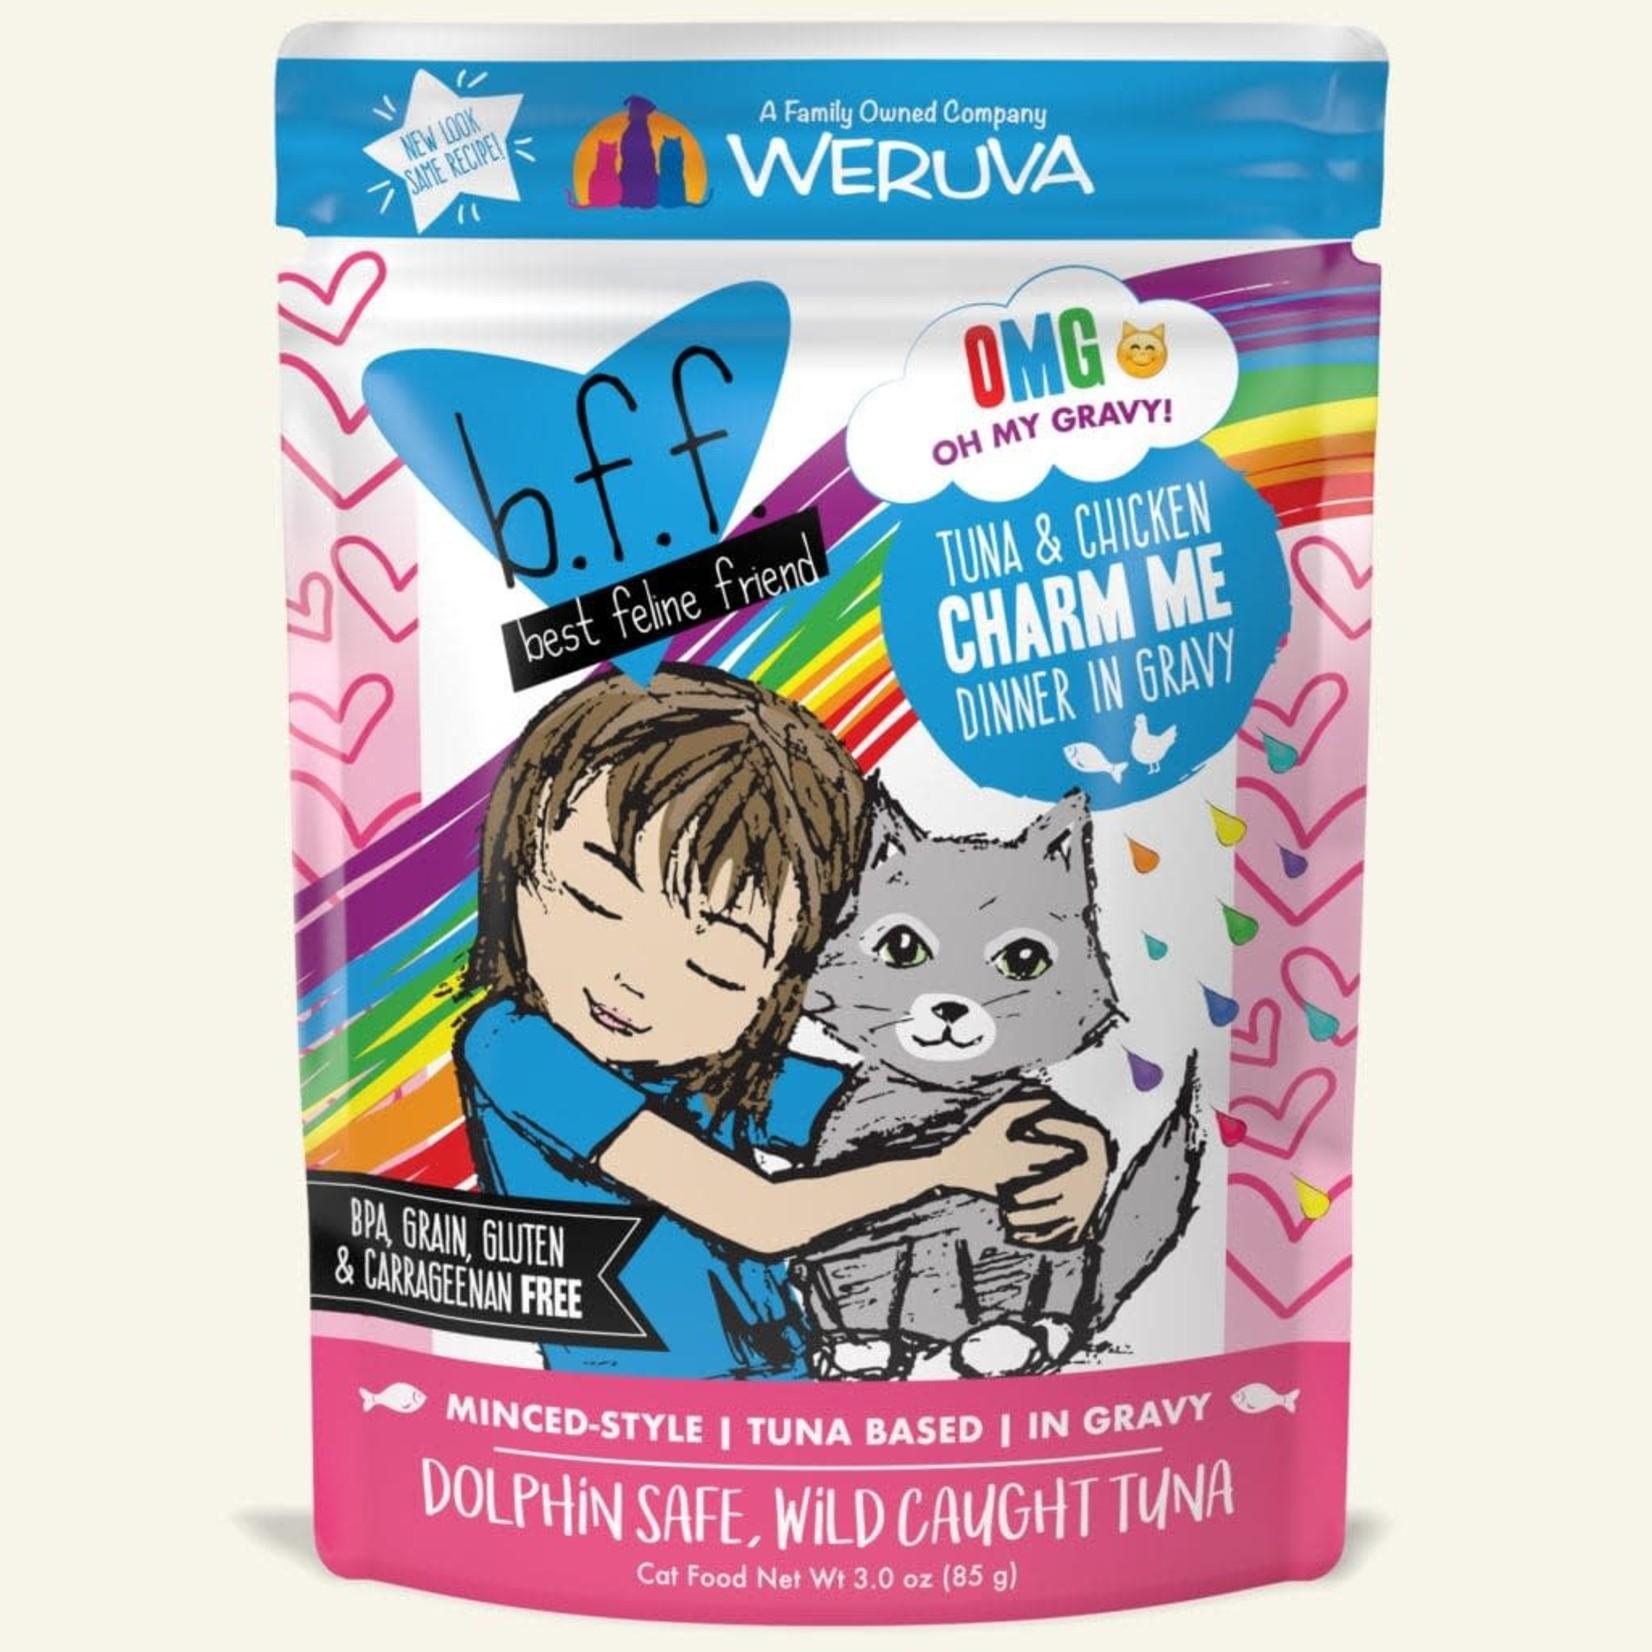 Weruva BFF OMG Cat Tuna & Chicken Charm Me 3 OZ Pouch